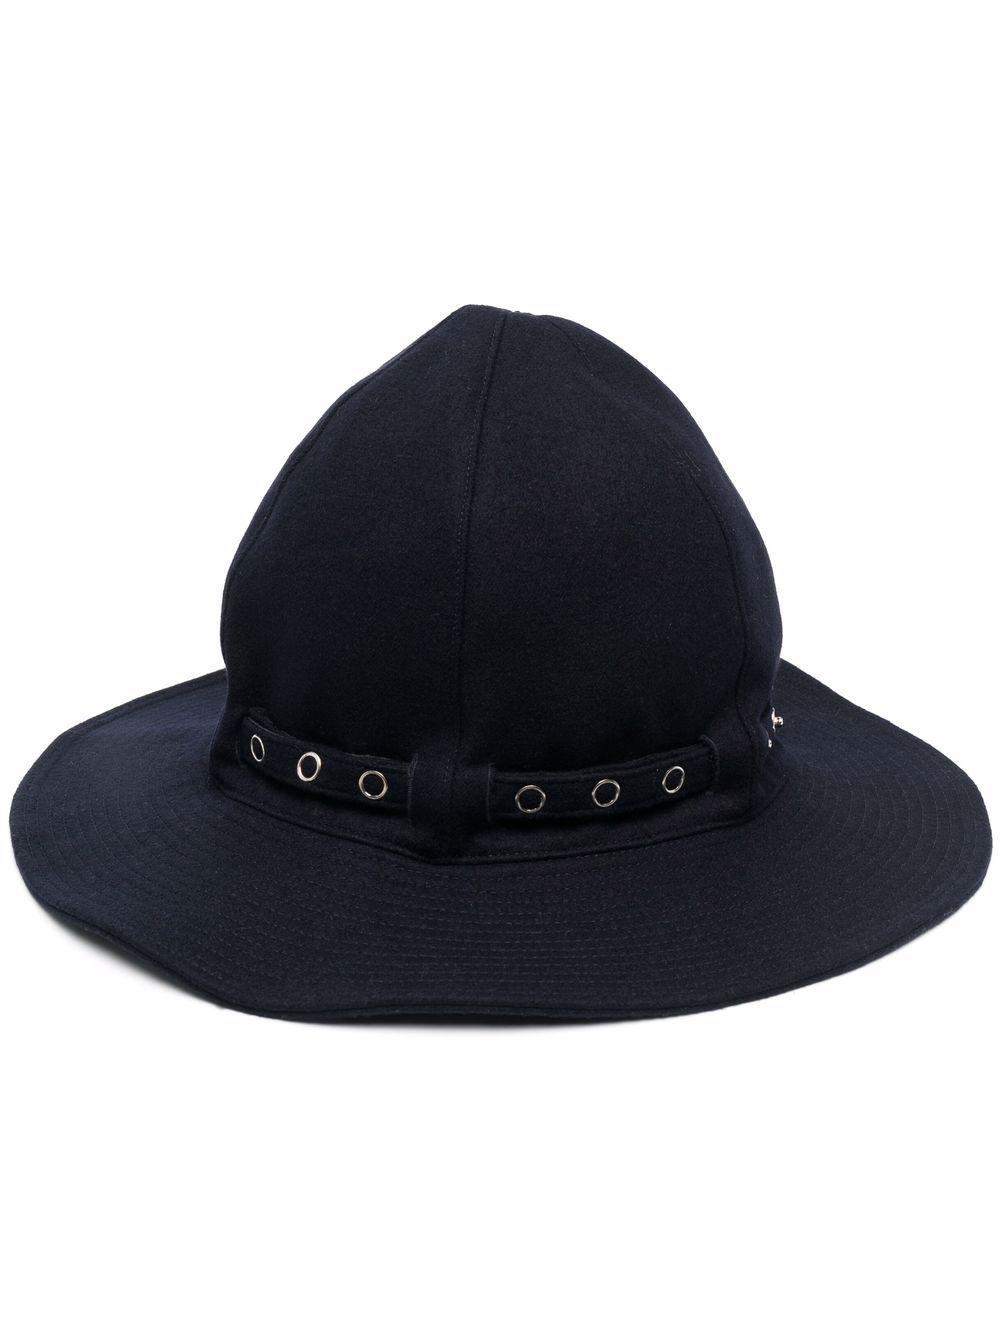 melton mountain metro hat man navy in wool SACAI | Hats | 21-0273S201